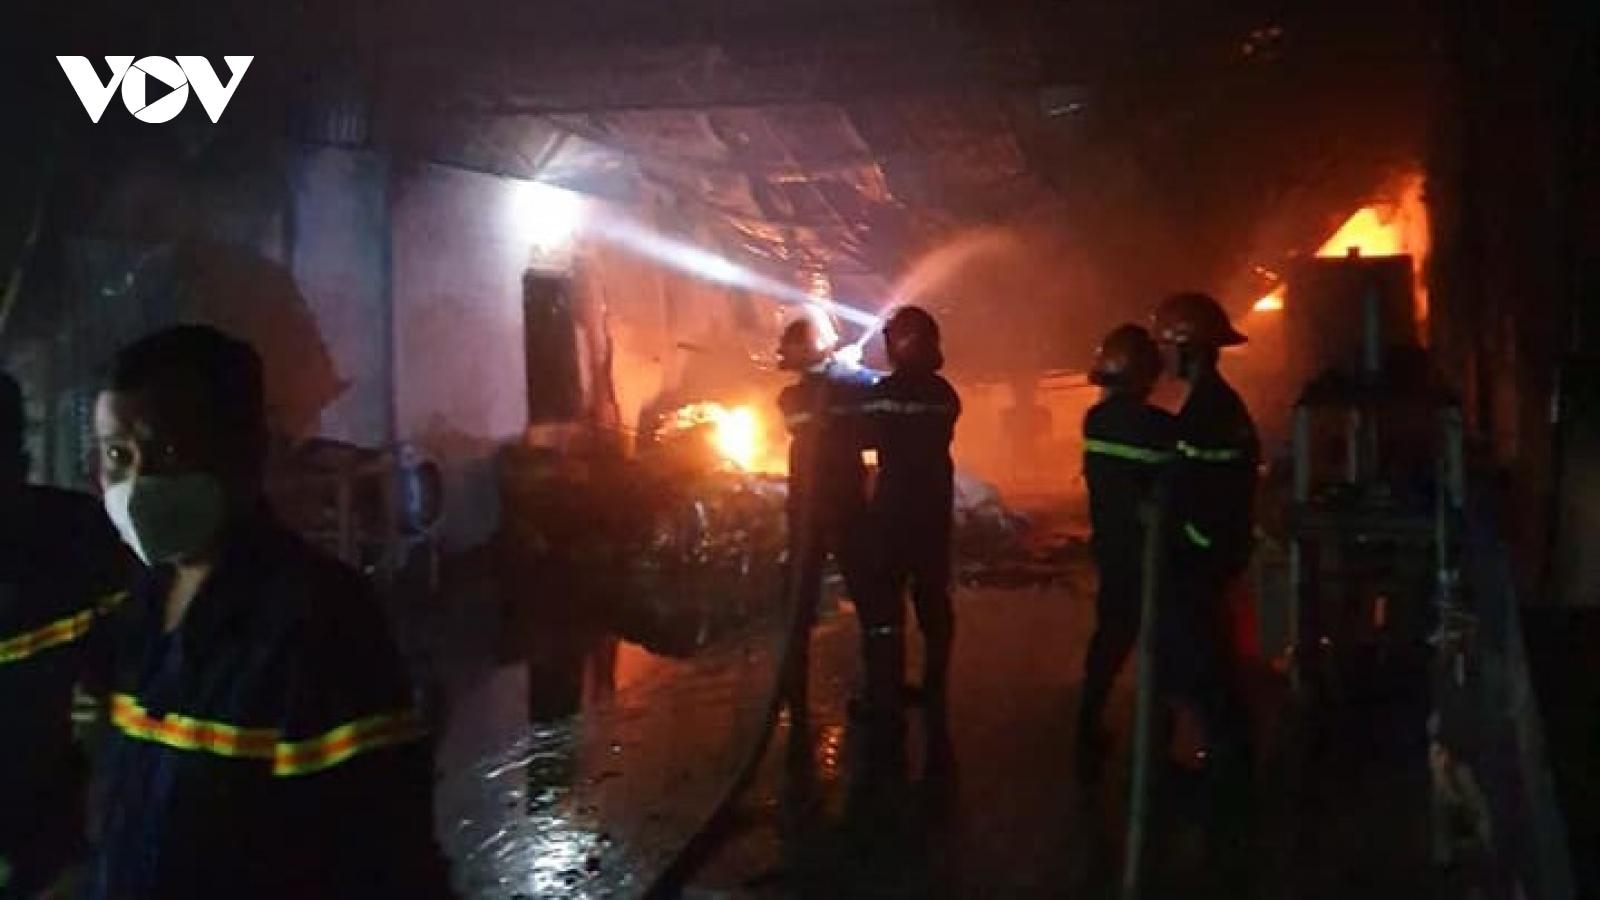 Khống chế đám cháy bảo vệ khu dân cư